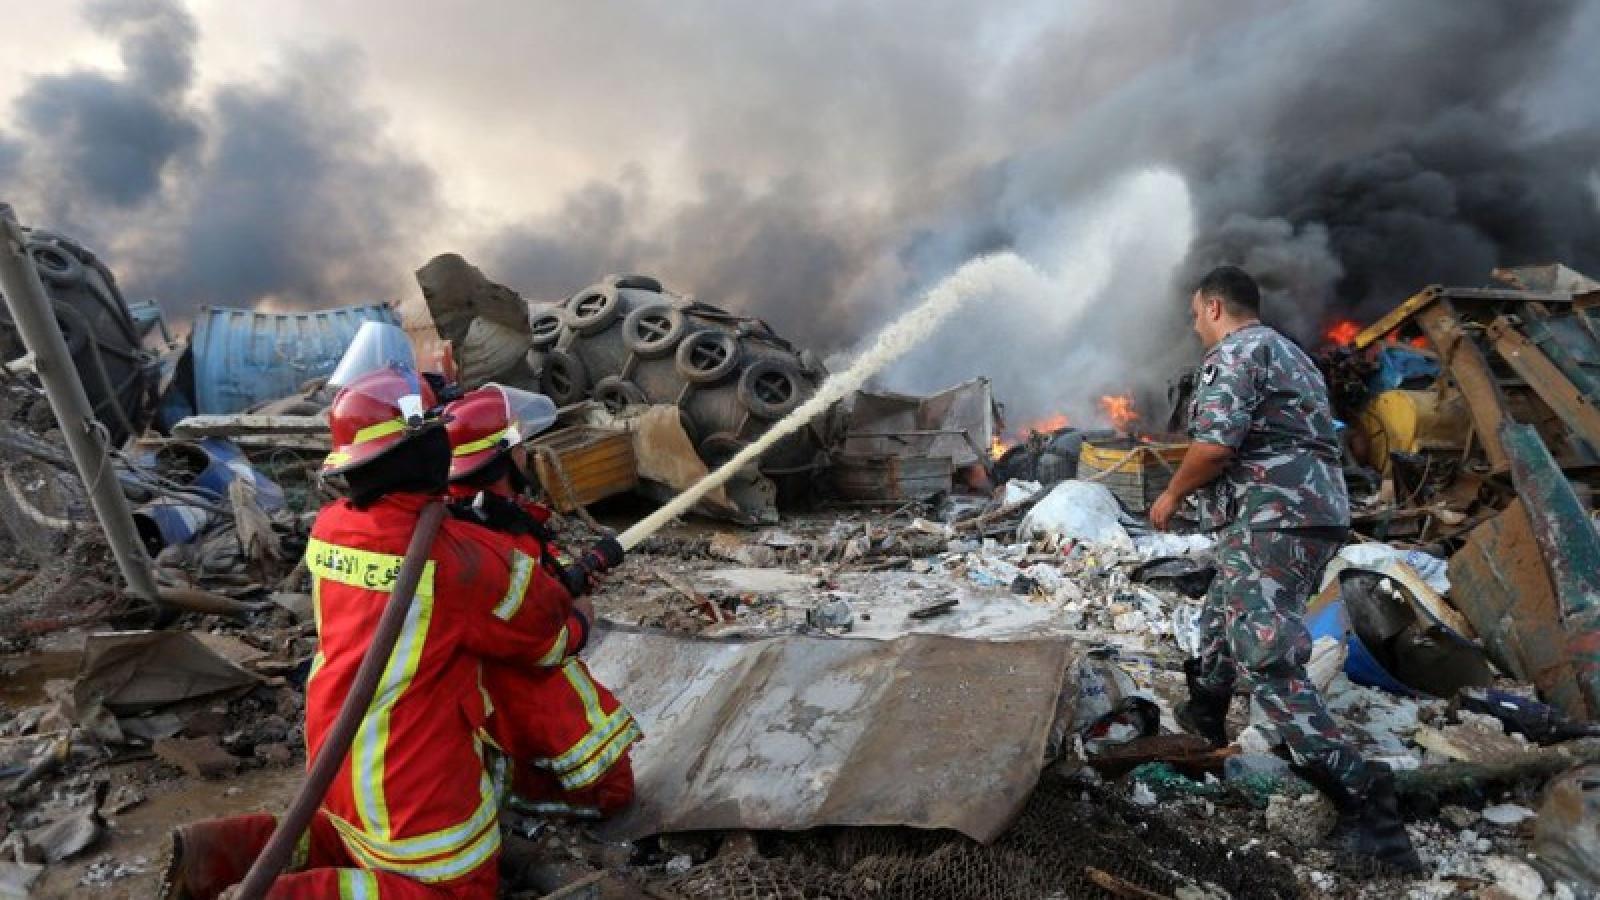 Thúc đẩy công tác bảo hộ công dân Việt Nam sau vụ nổ ở Lebanon